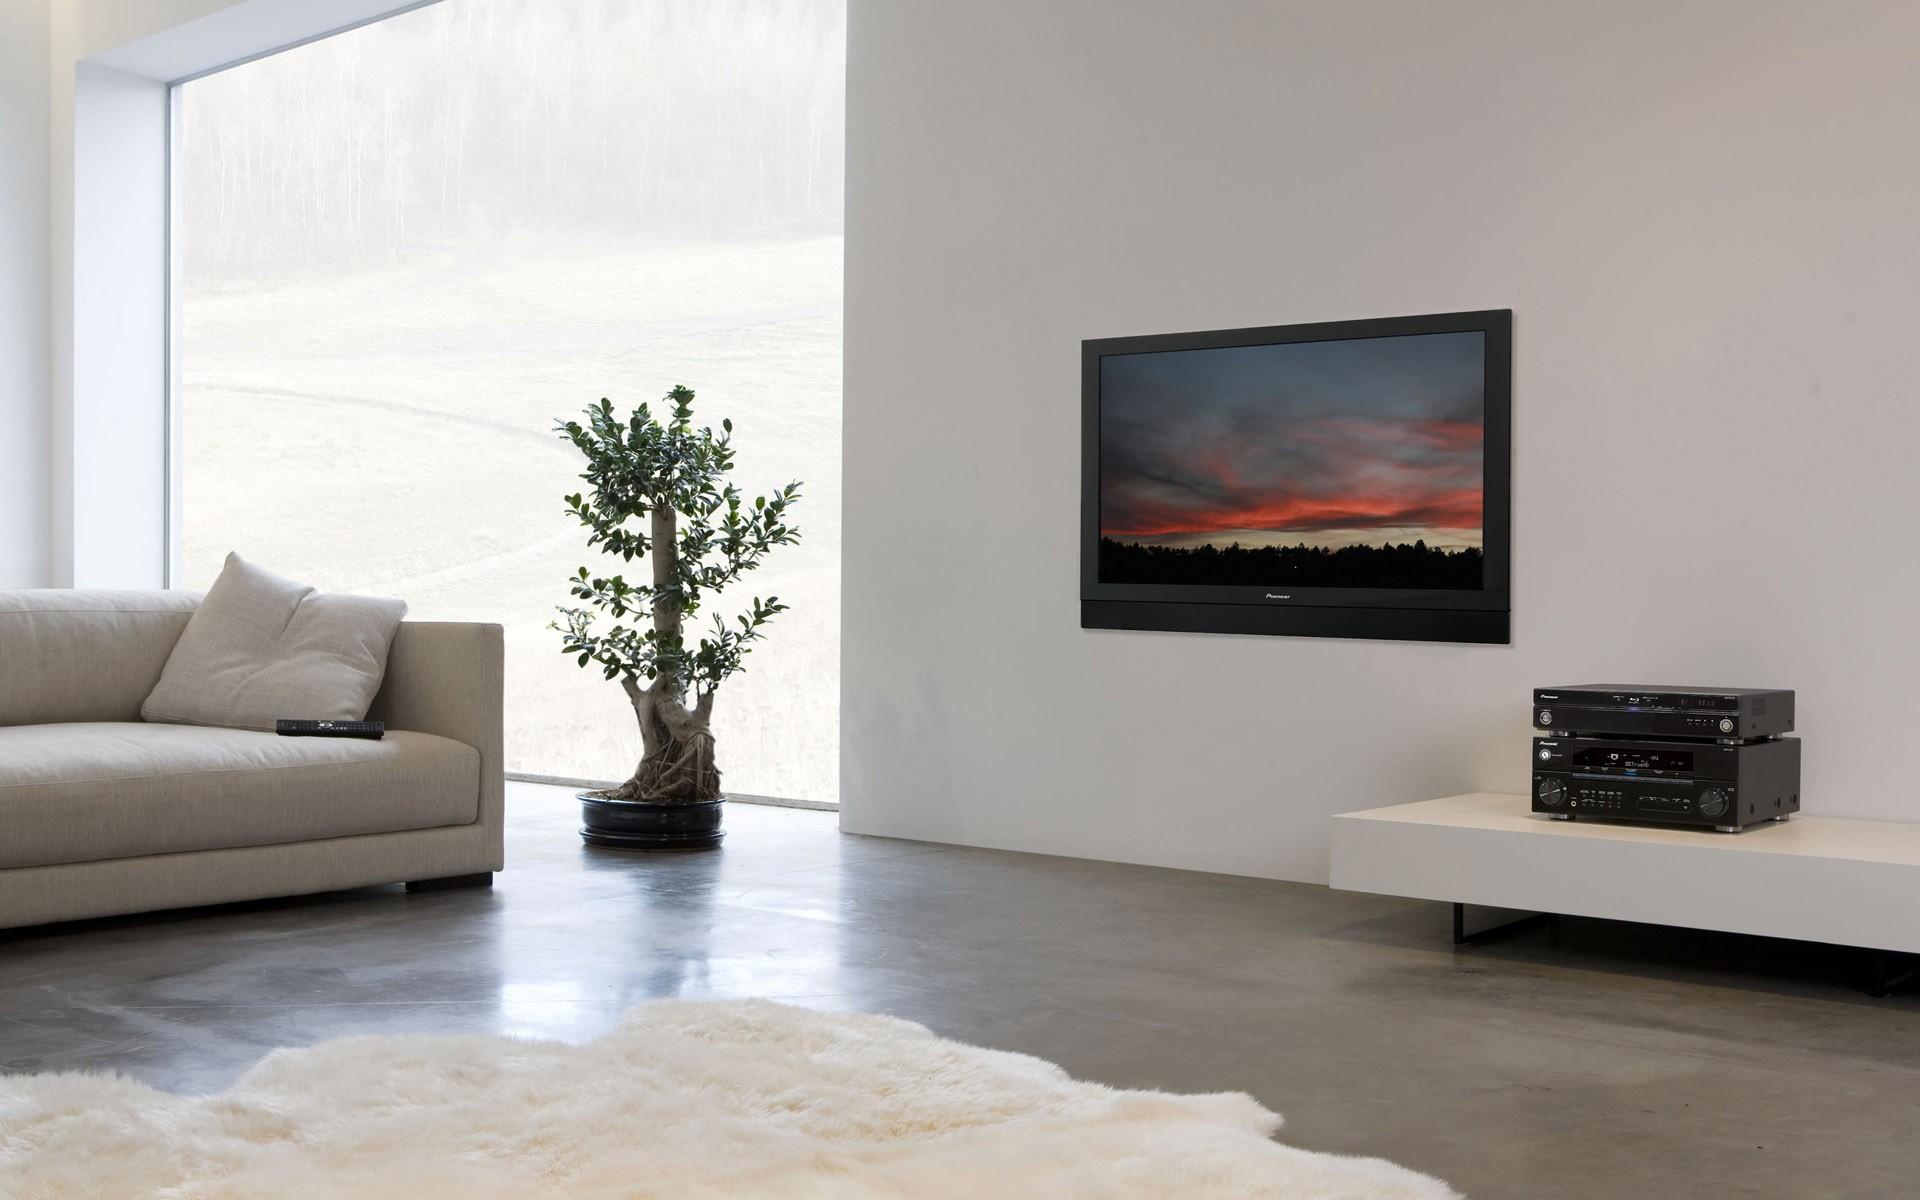 Топ-5 телевизоров до 7000 грн в Comfy - телевизор в интерьере